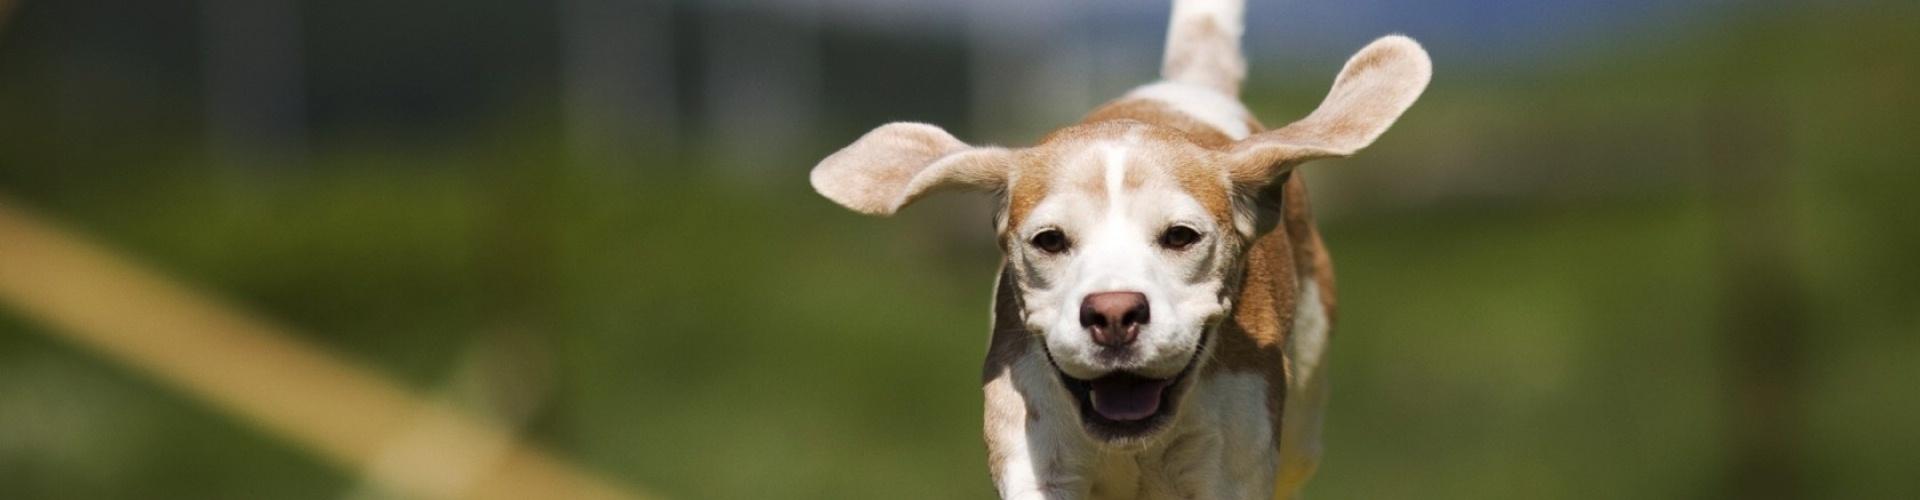 beagle, kutya, kutyaszeretet, kutyás, szeretet, kutyám, kutyák, boldog, boldogság,